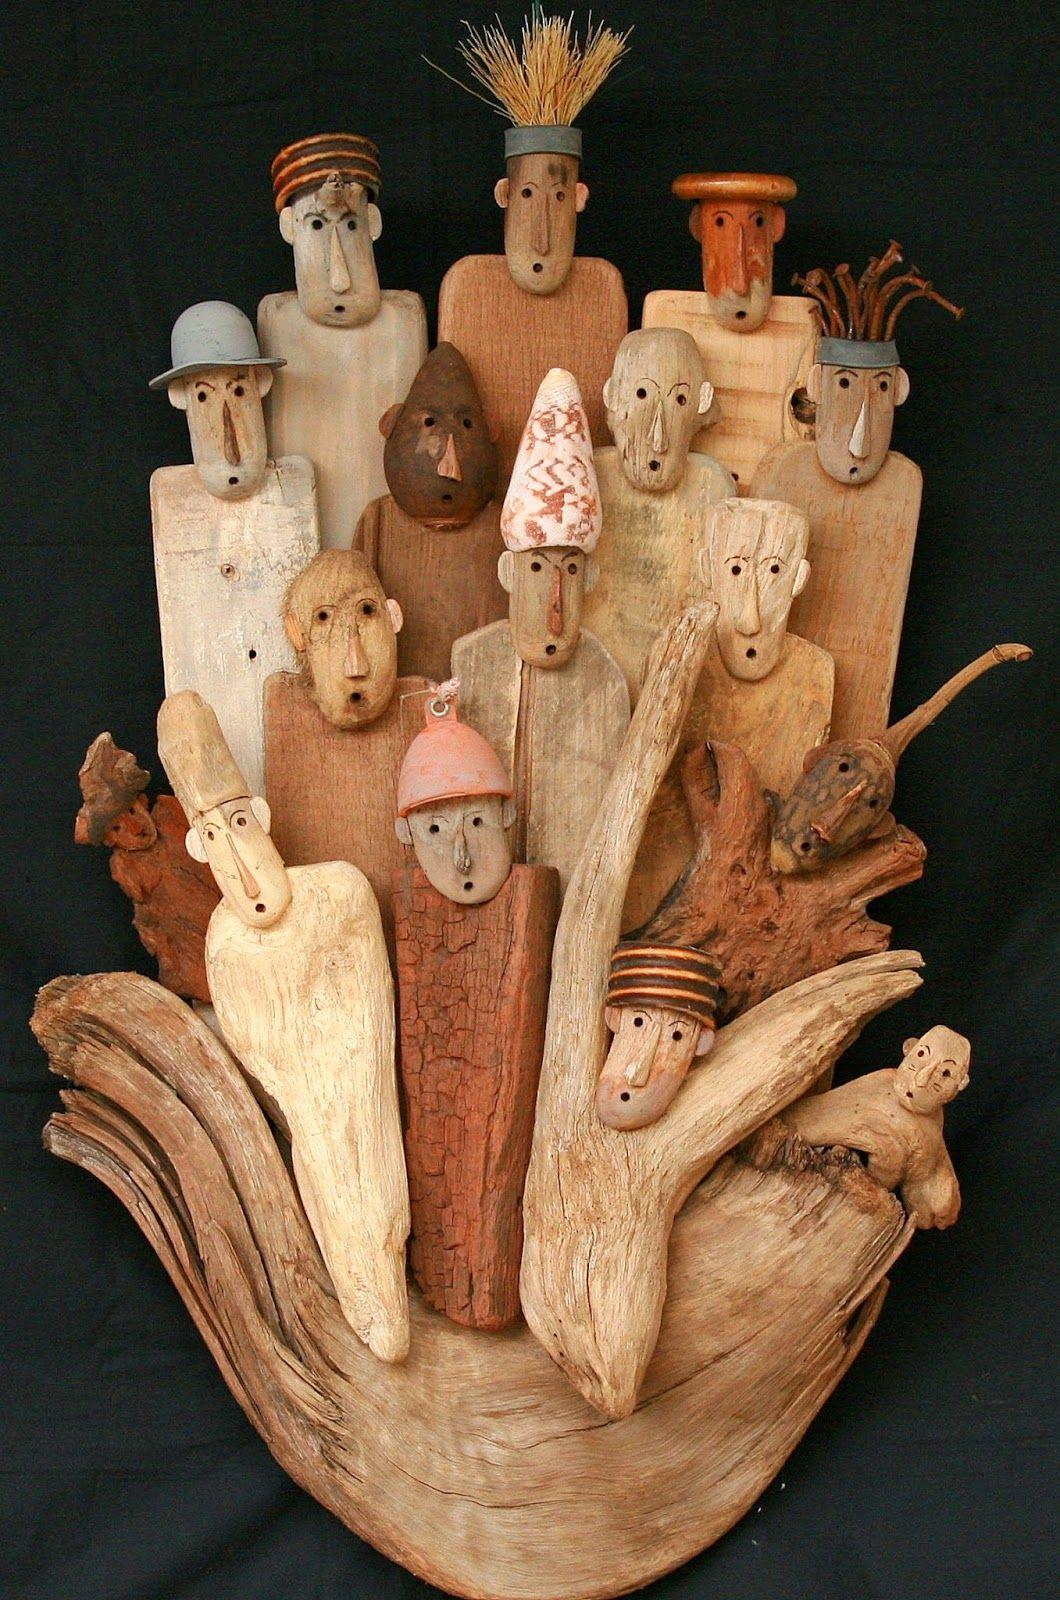 Créations En Bois Flotté atelier karibu : creations en bois flotte xavier deparis